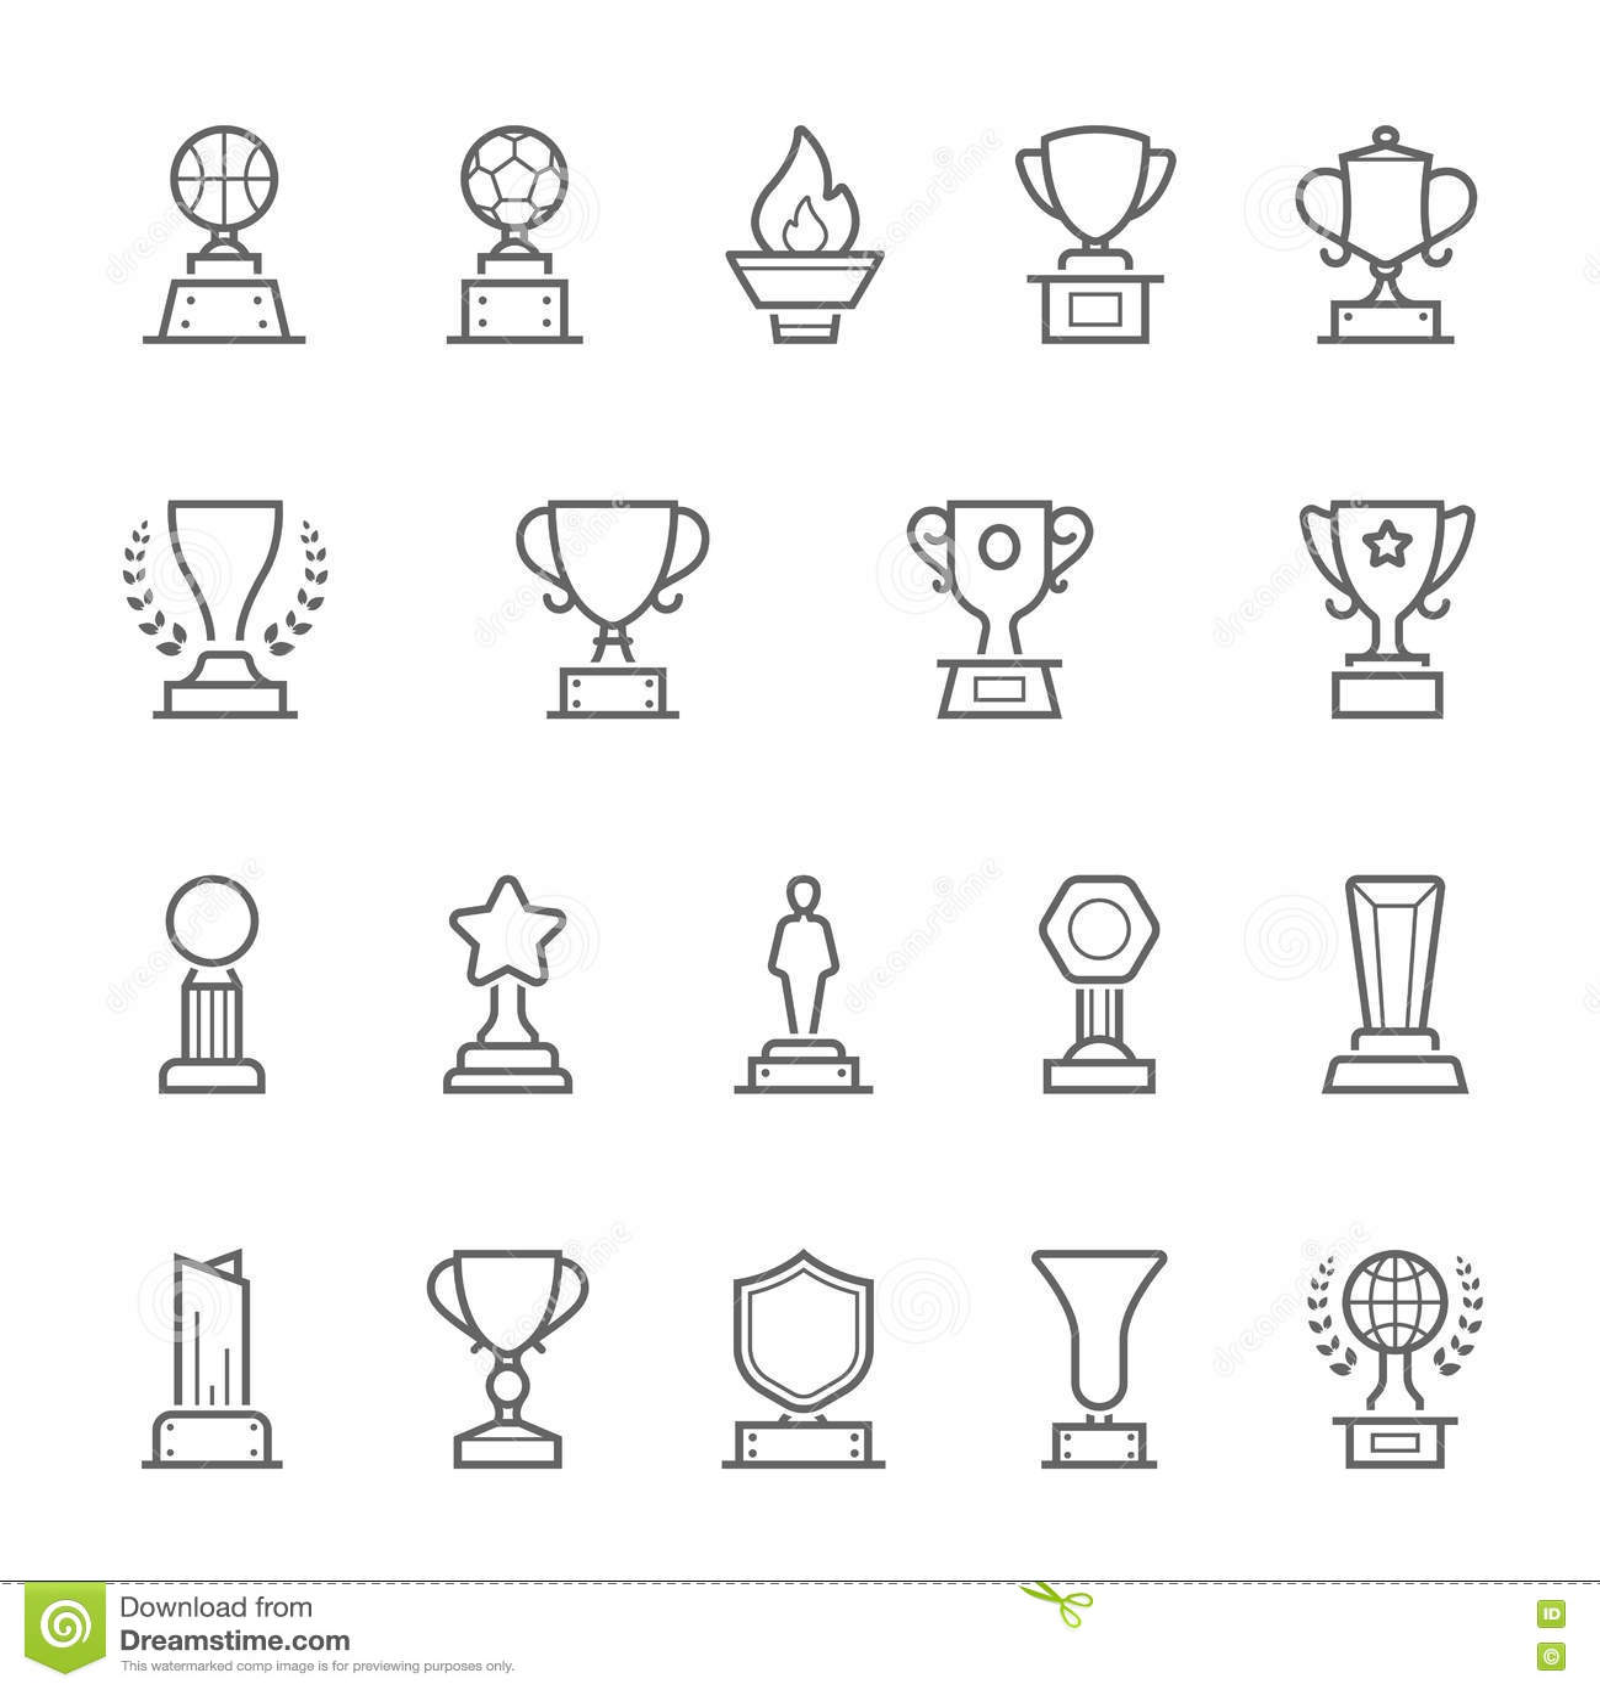 Trophy Outline Stock Illustrations 2 663 Trophy Outline